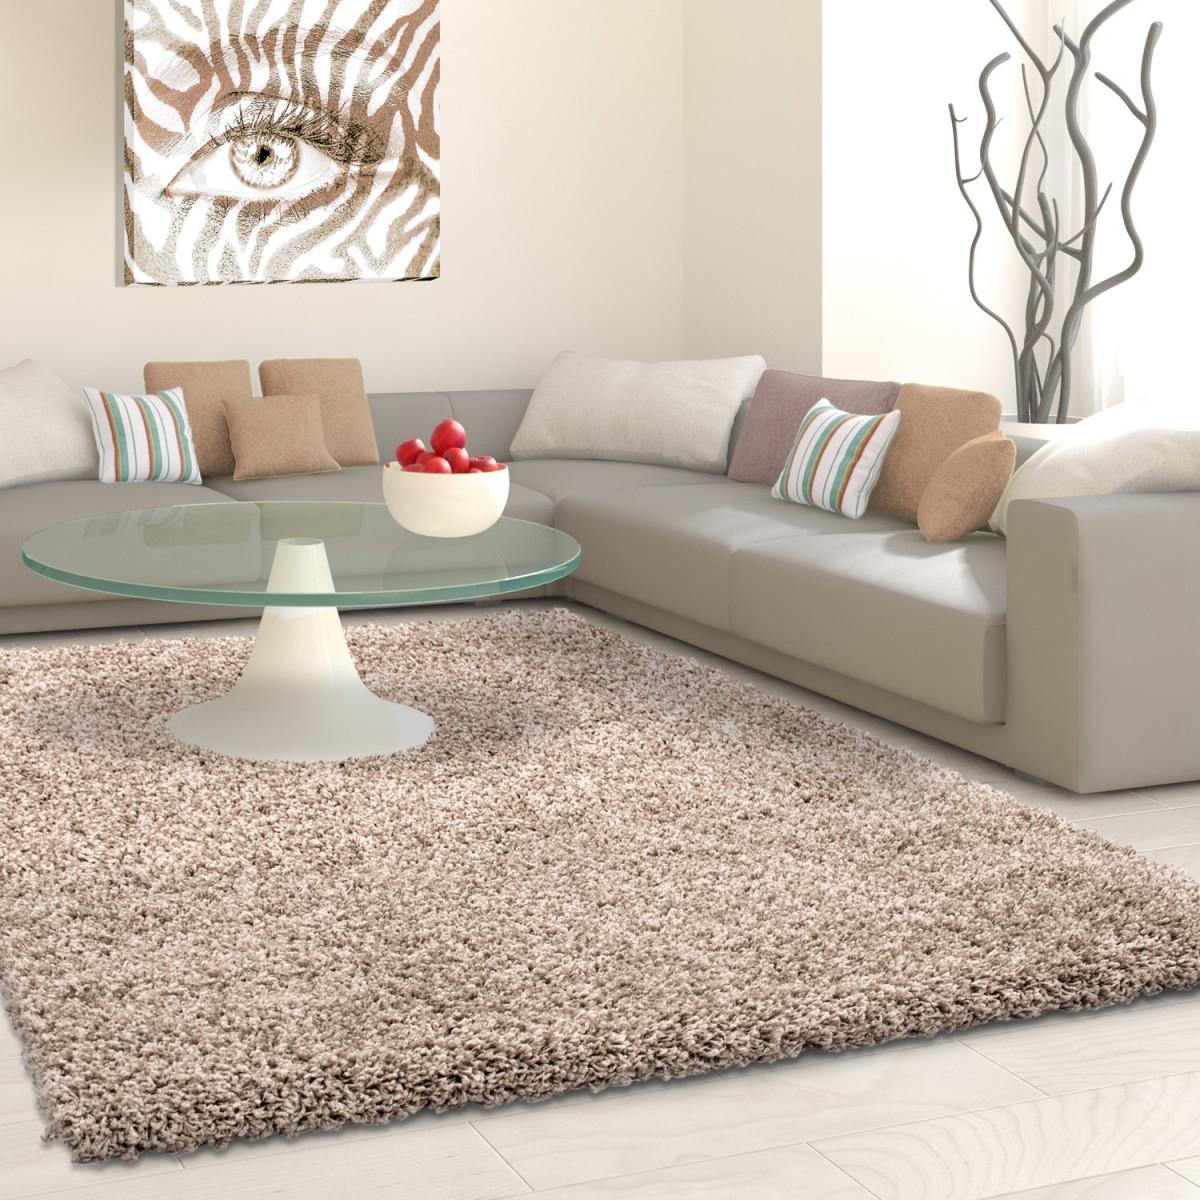 Hochflor Langflor Wohnzimmer Shaggy Teppich Florhöhe 3Cm Unifarbe Beige von Wohnzimmer Teppich 200X200 Bild